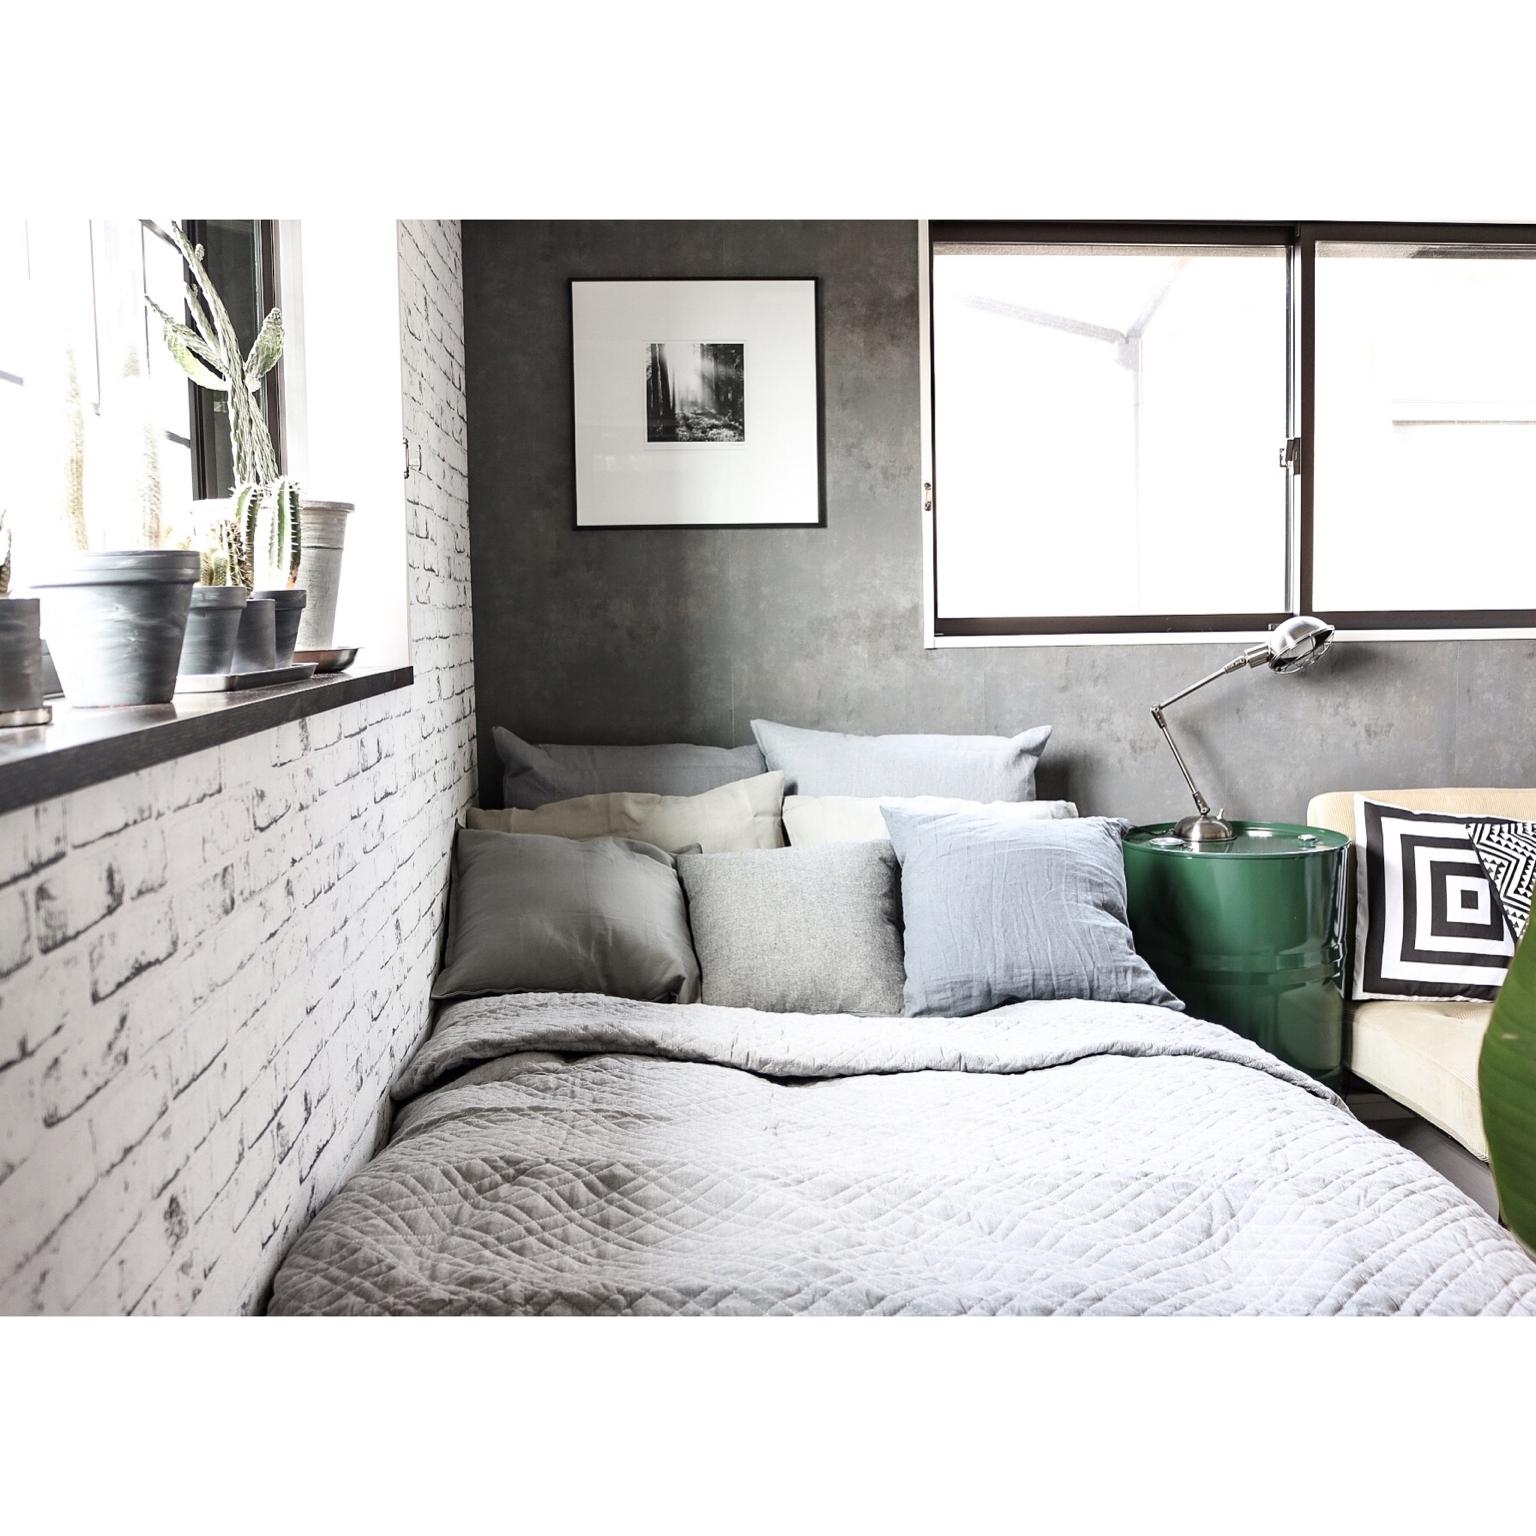 IKEAアイテムが優秀!ホテルライクな寝室の作り方